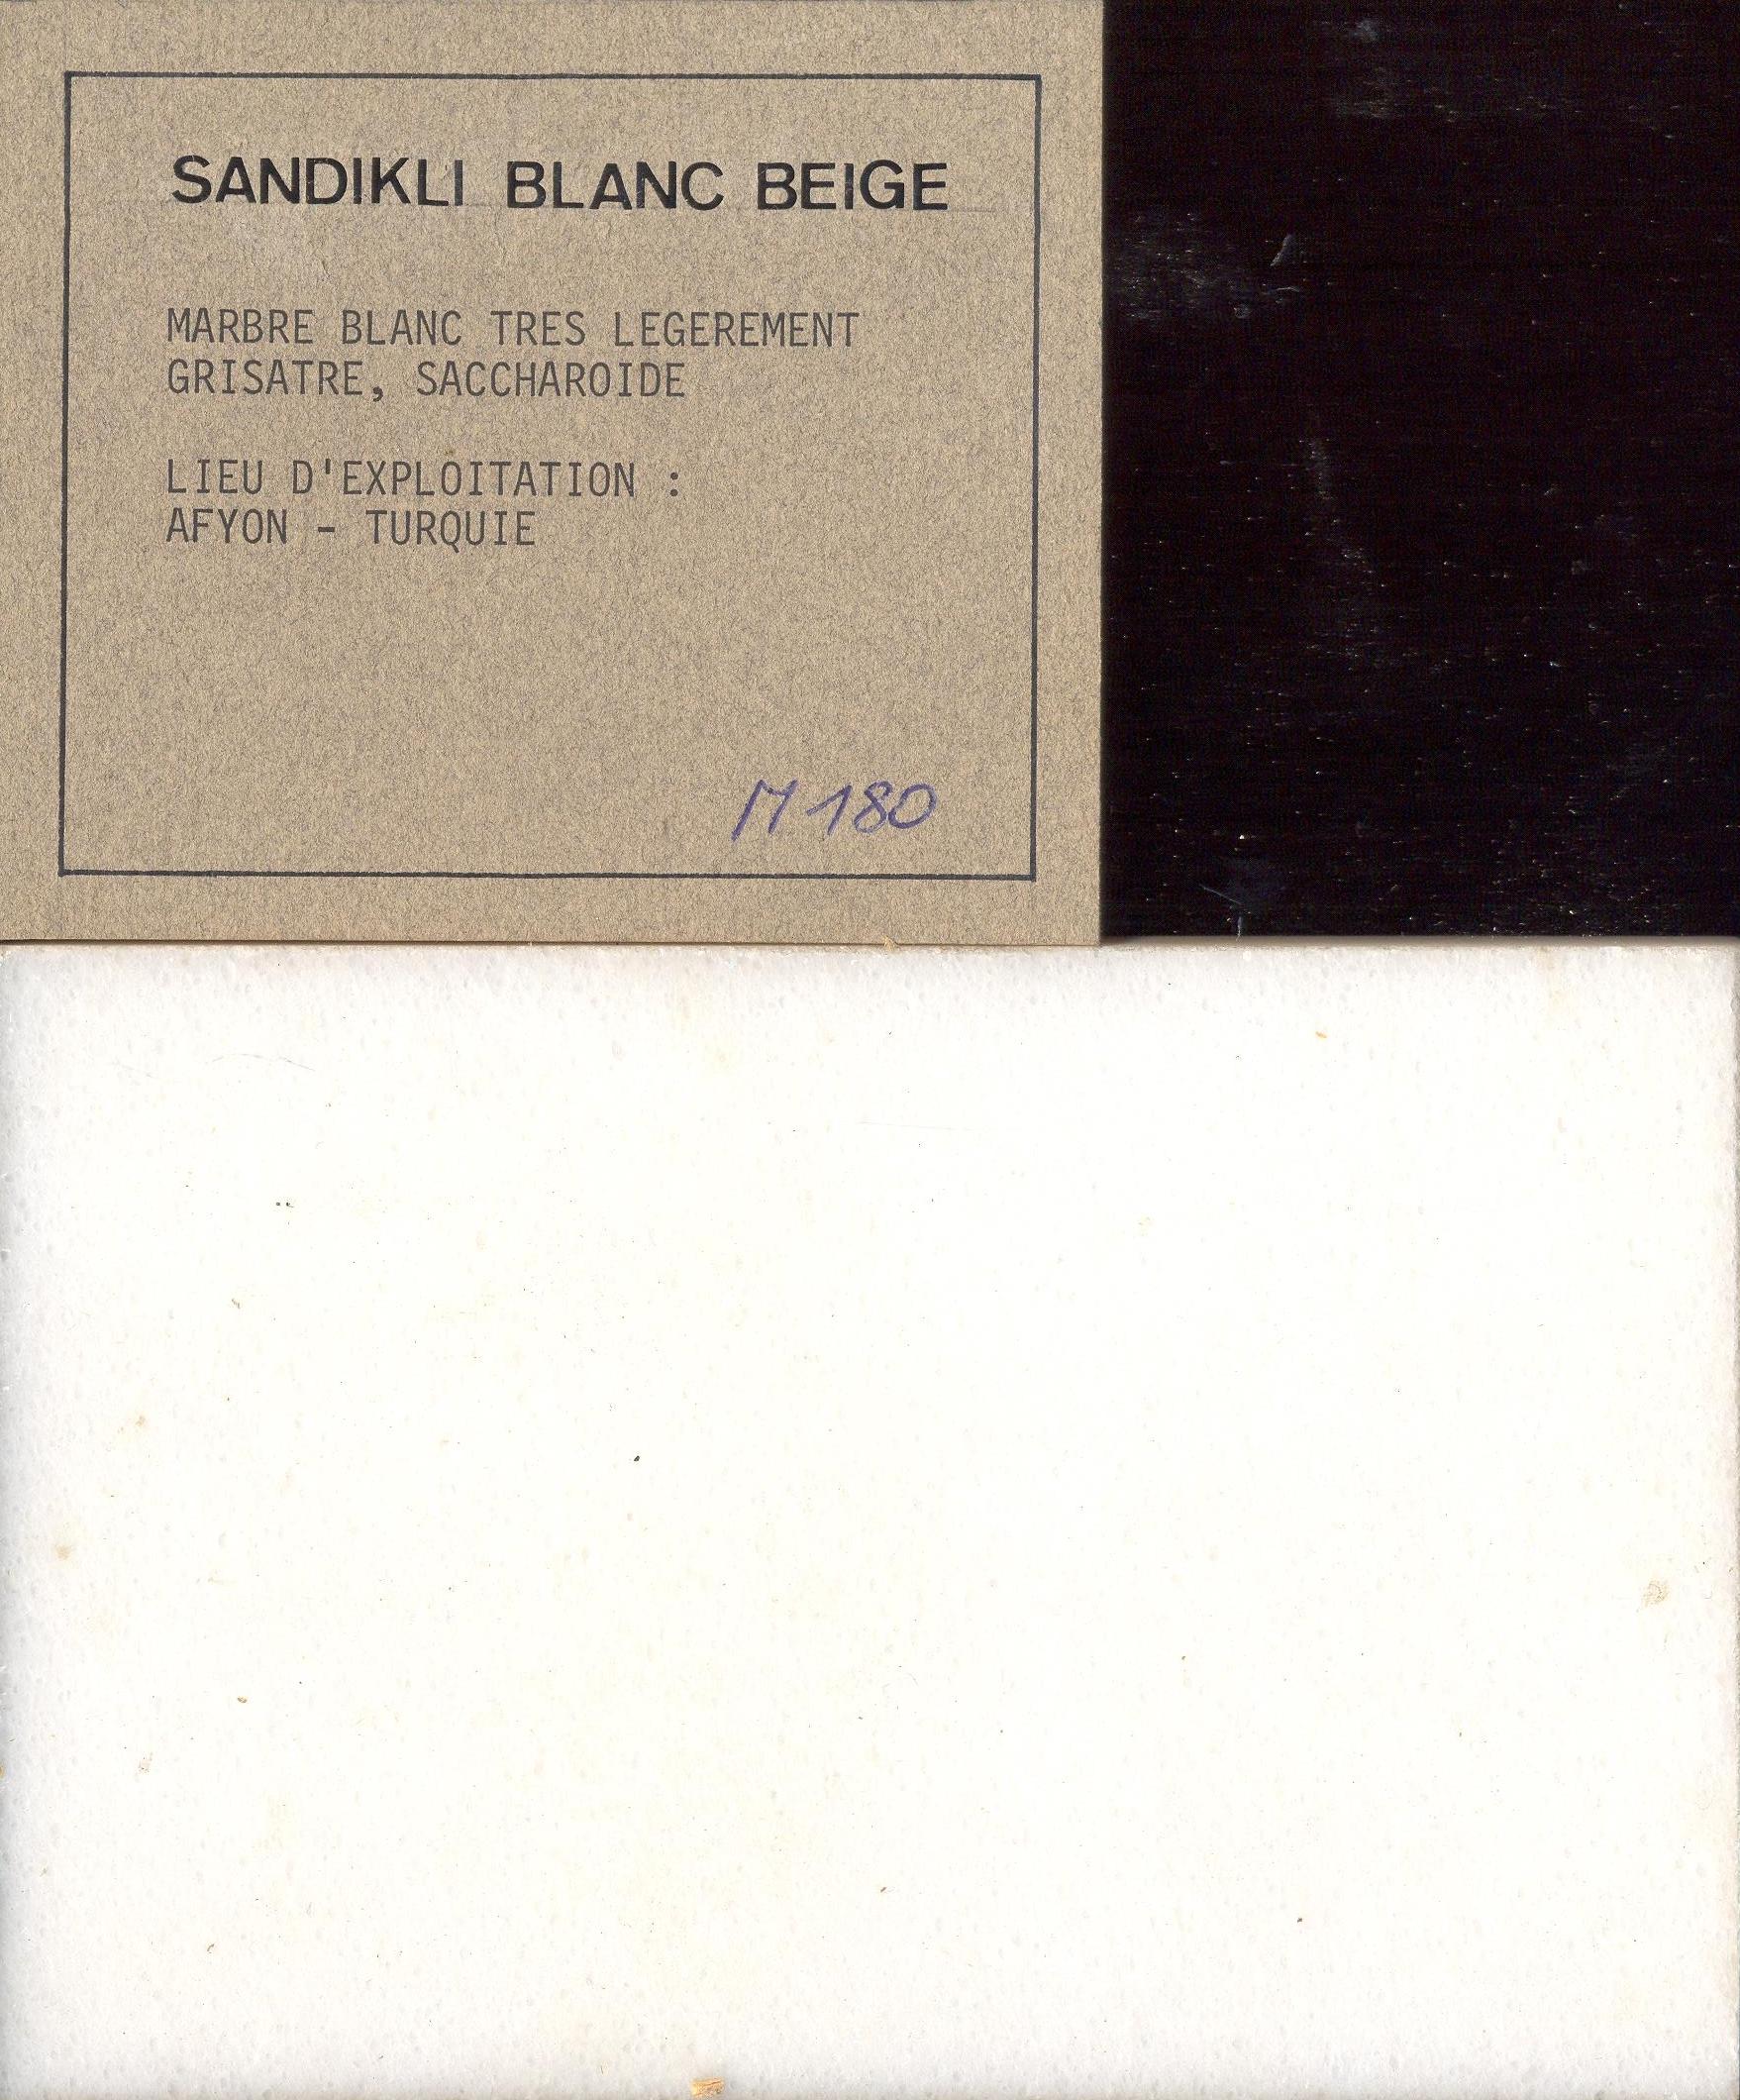 Sandikli Blanc Beige M180